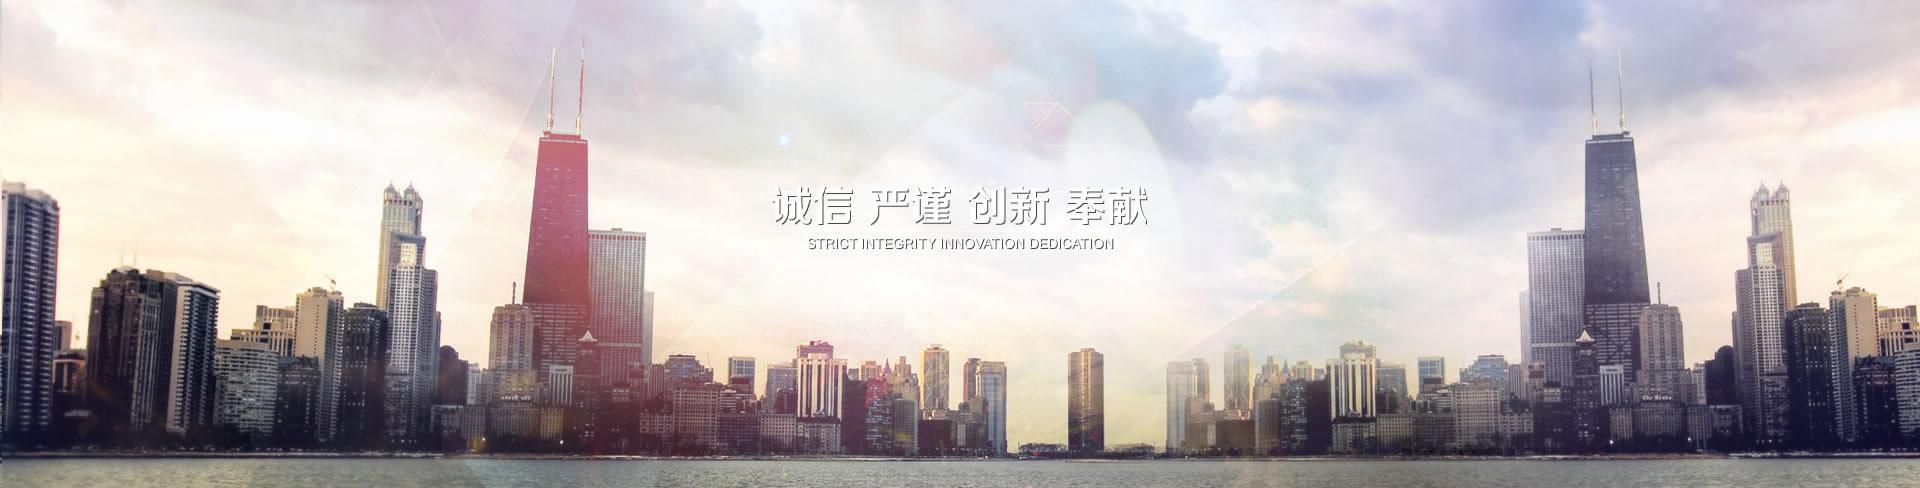 吉林省筑启经贸有限公司净月分公司